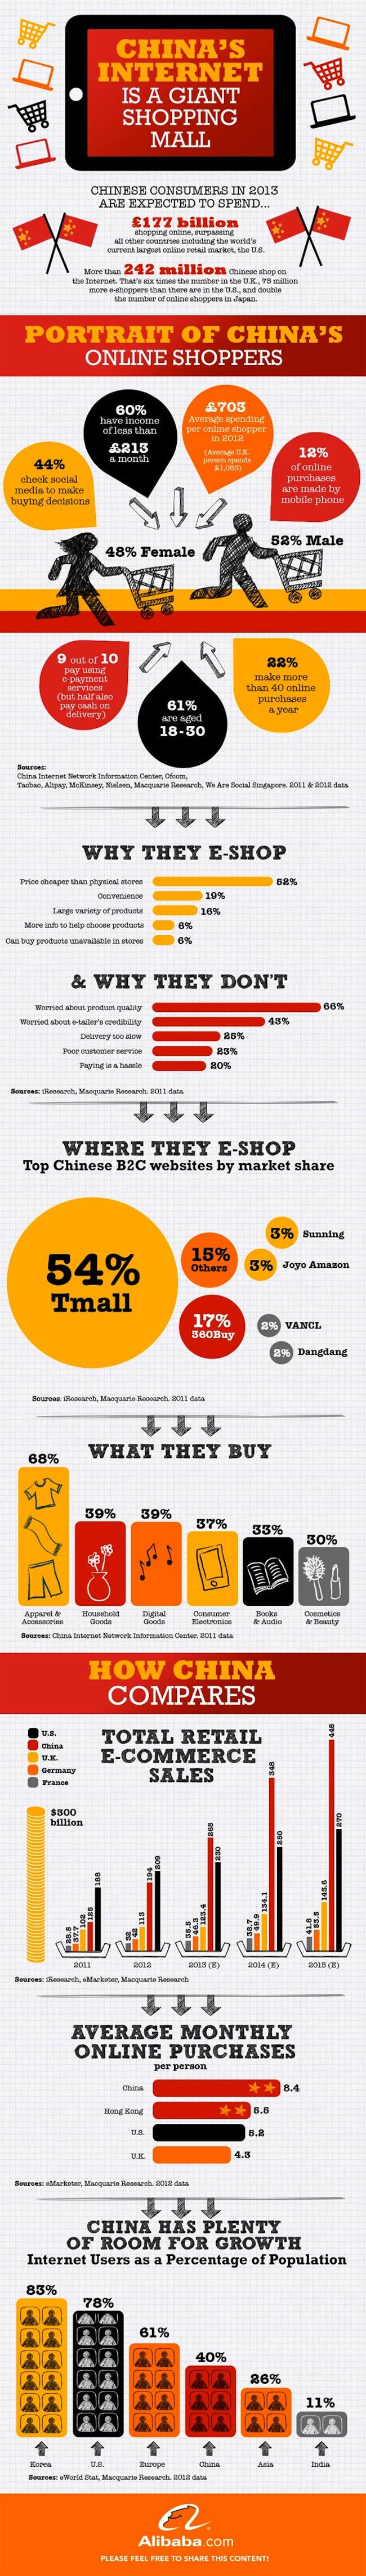 China_ECommerce_market_Alibaba_FrenchWeb